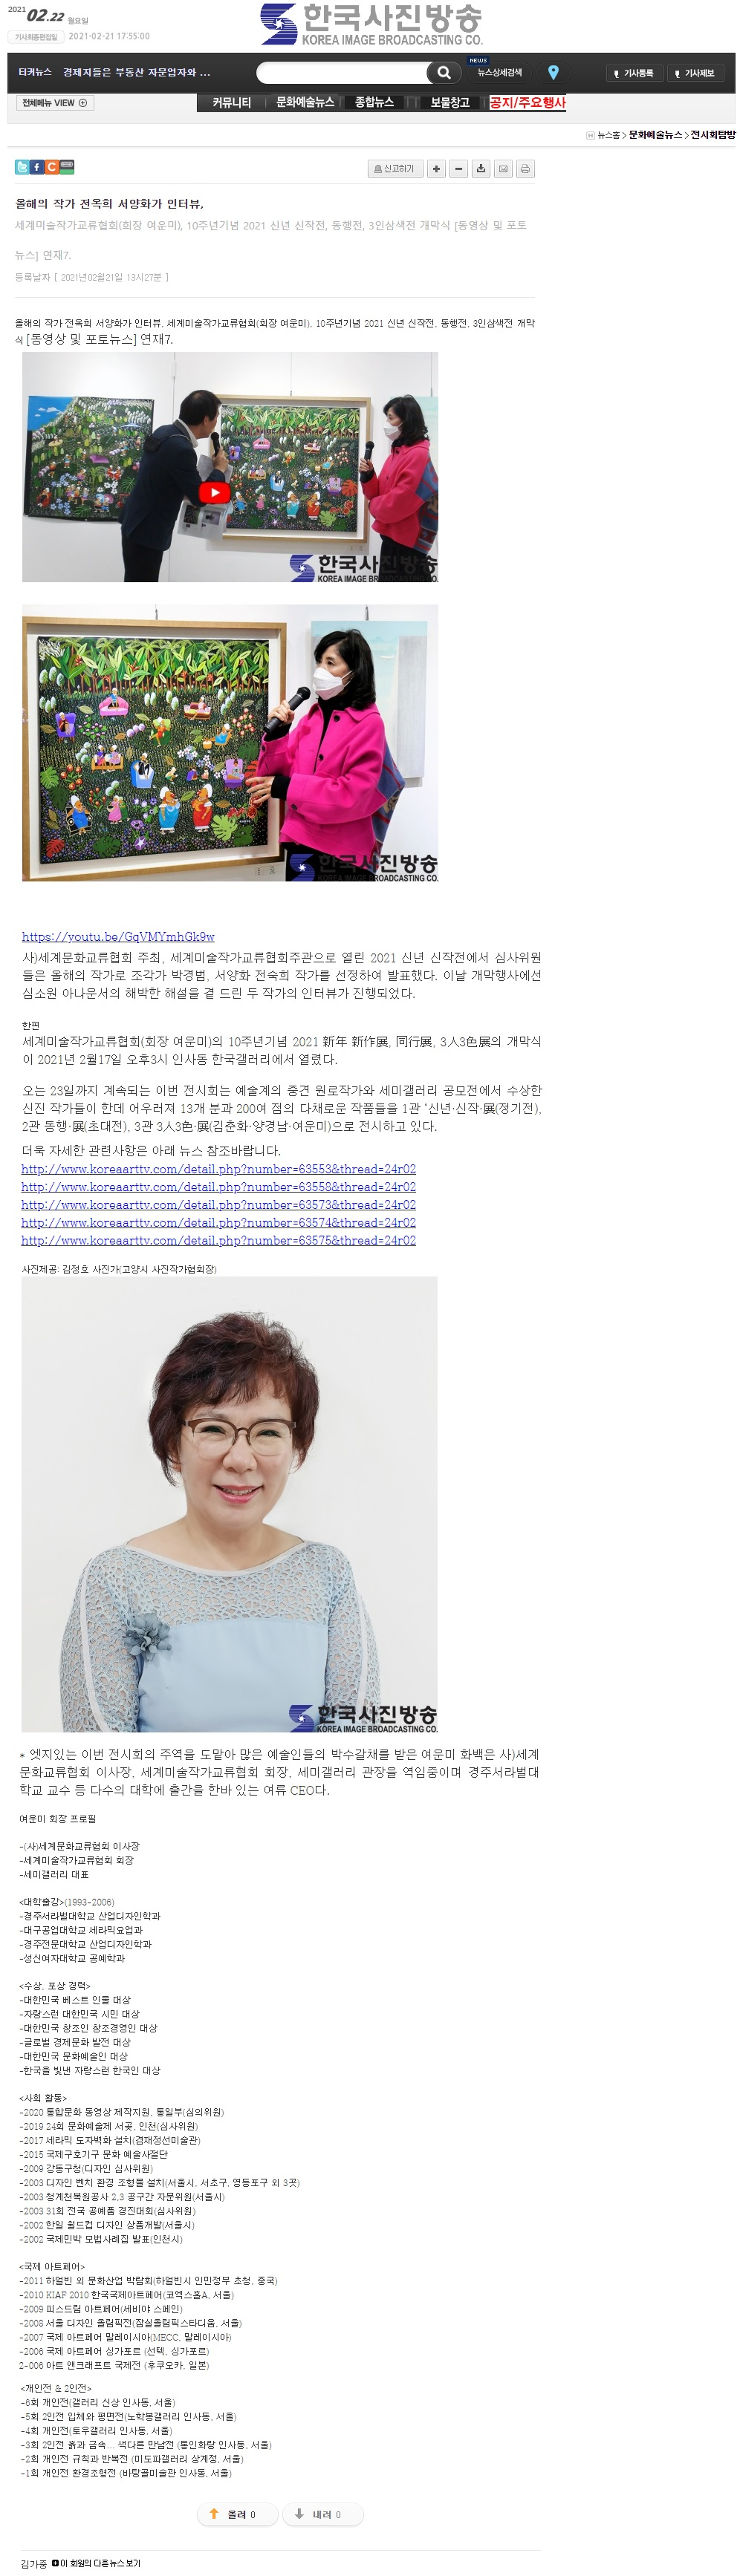 5_한국사진방송_전옥희 서양화가.jpg